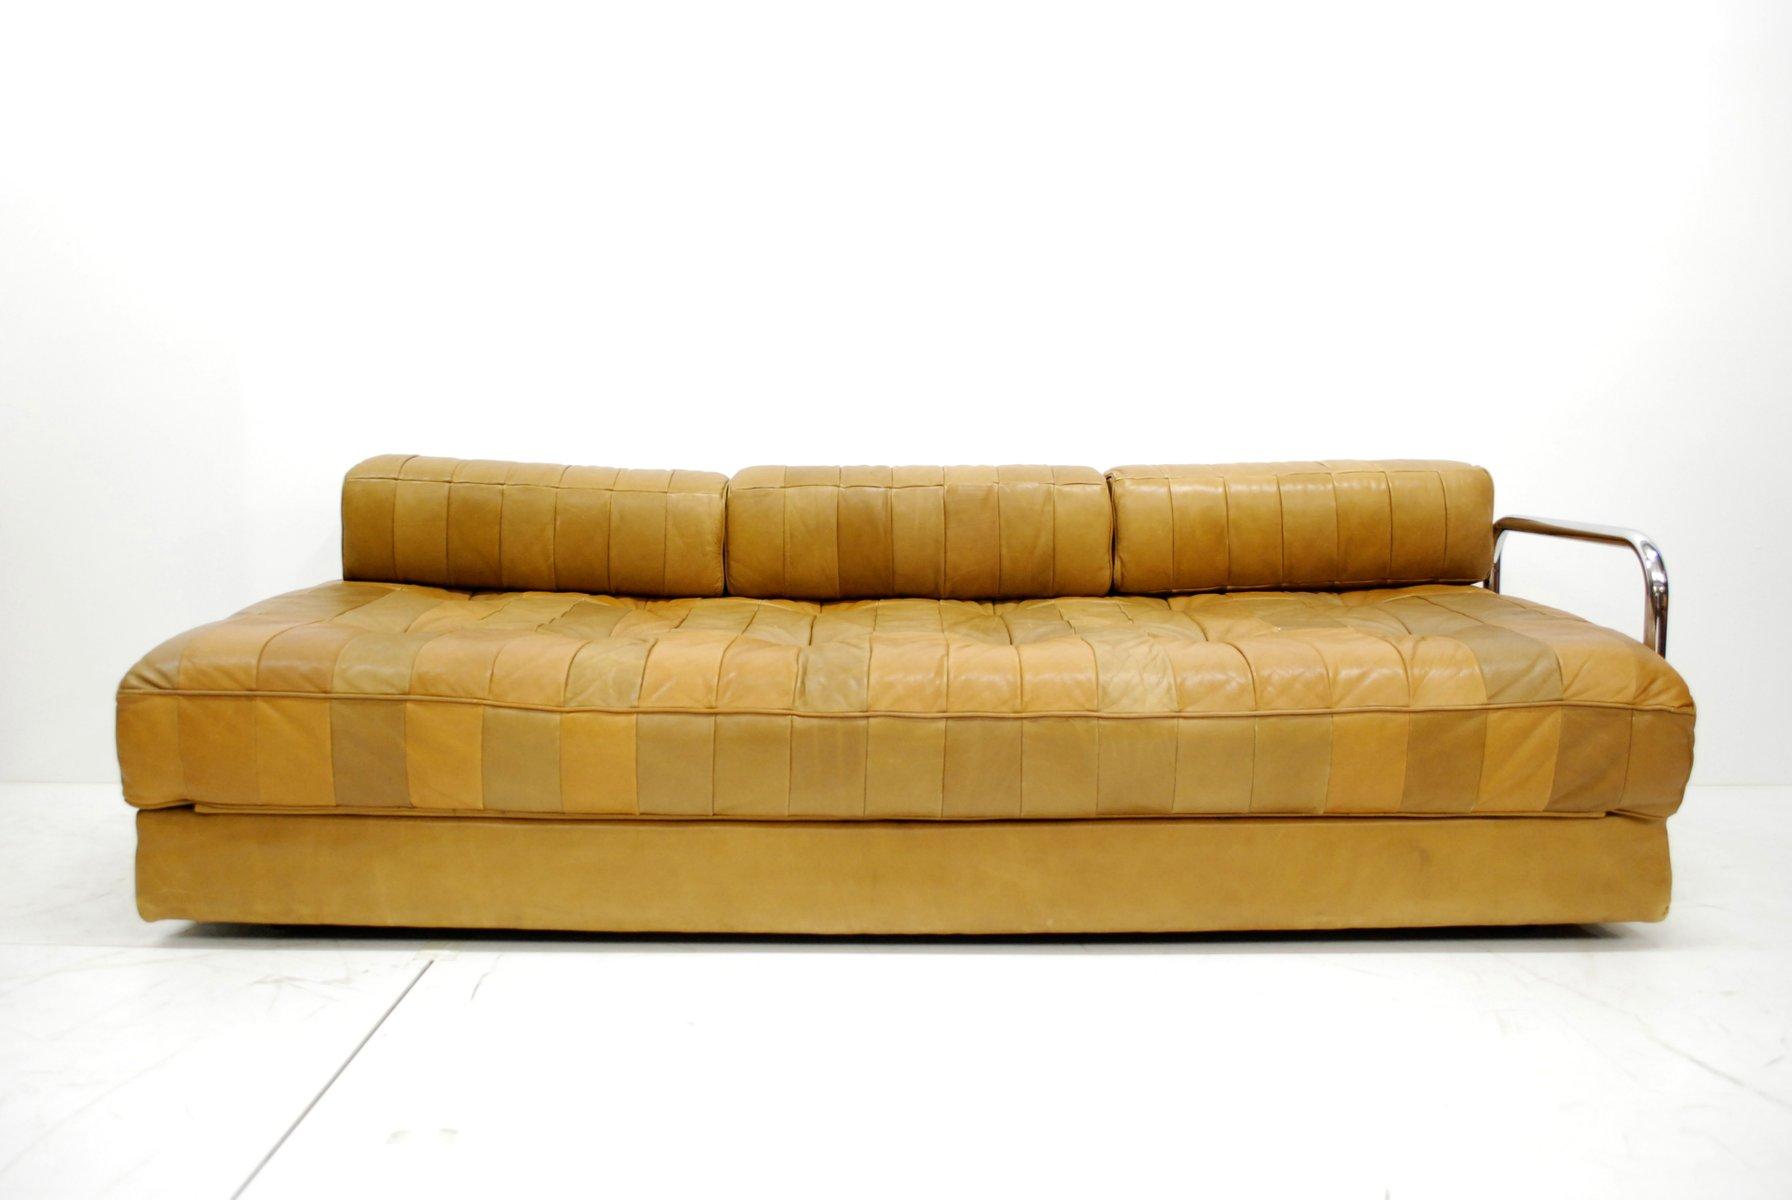 vintage caramel ds 80 leather daybed from de sede for sale. Black Bedroom Furniture Sets. Home Design Ideas